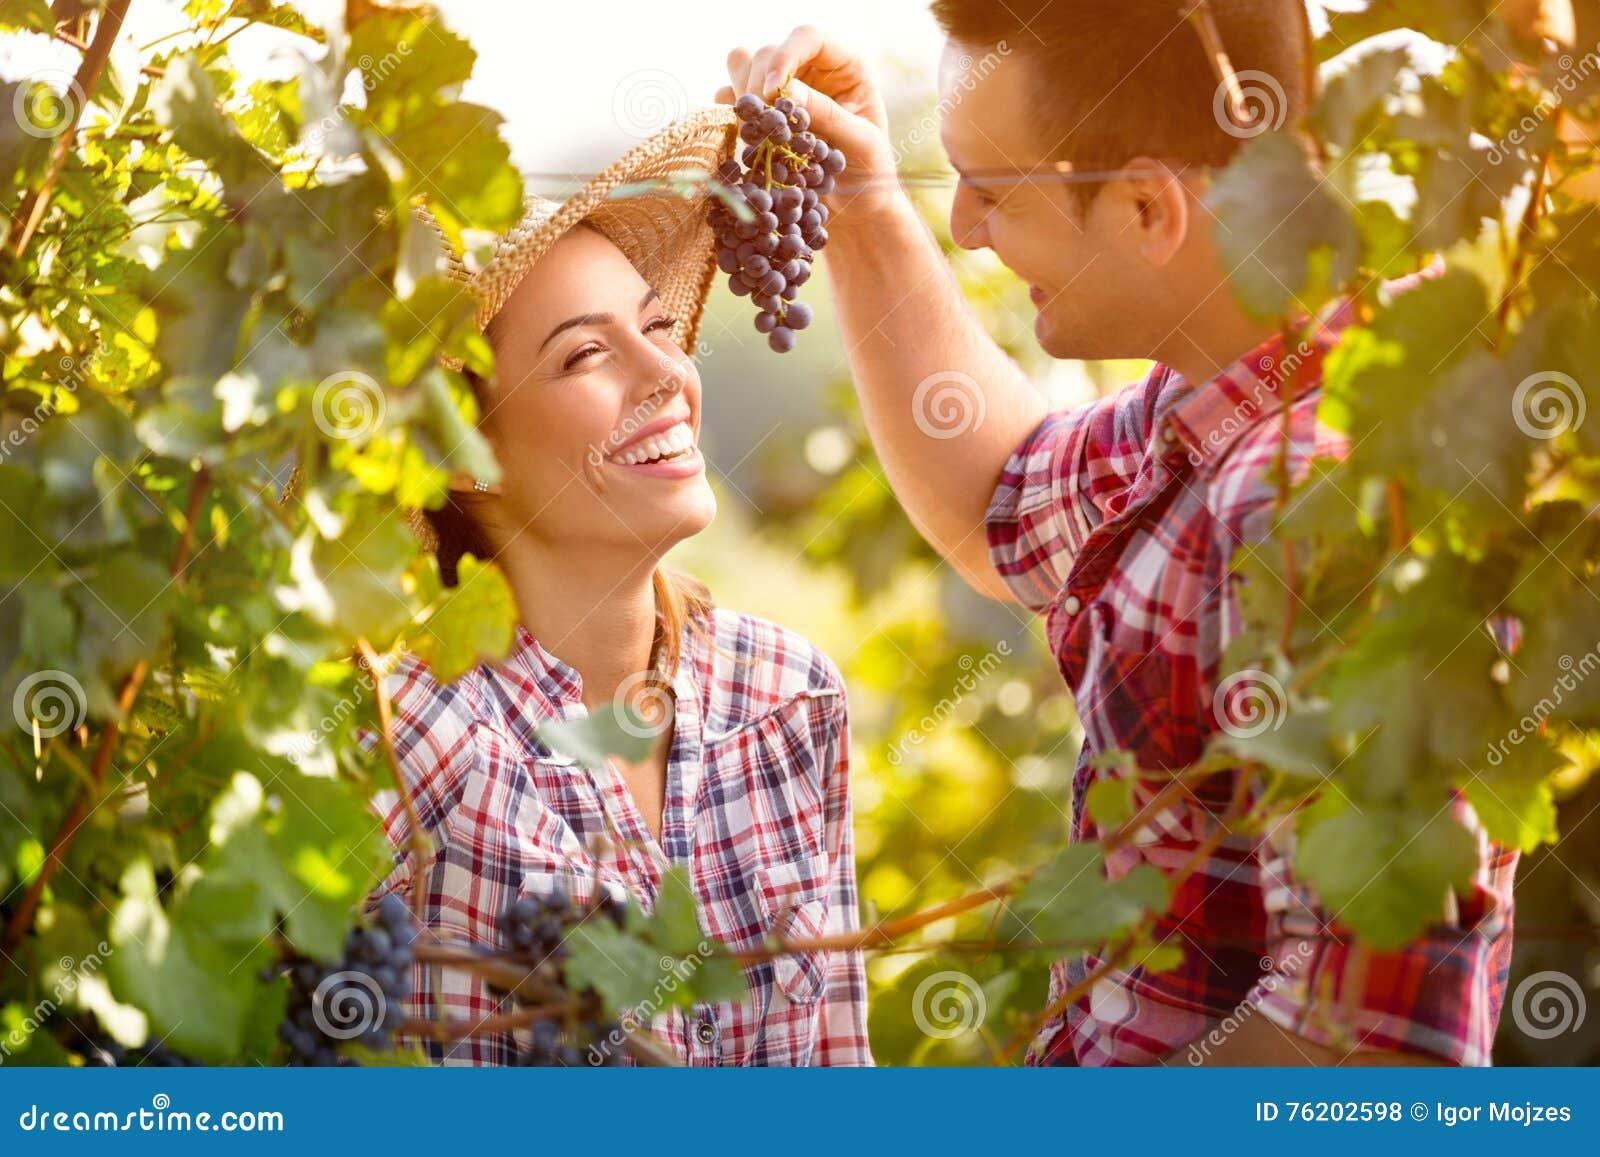 De jonge mens voedt zijn meisje met druiven